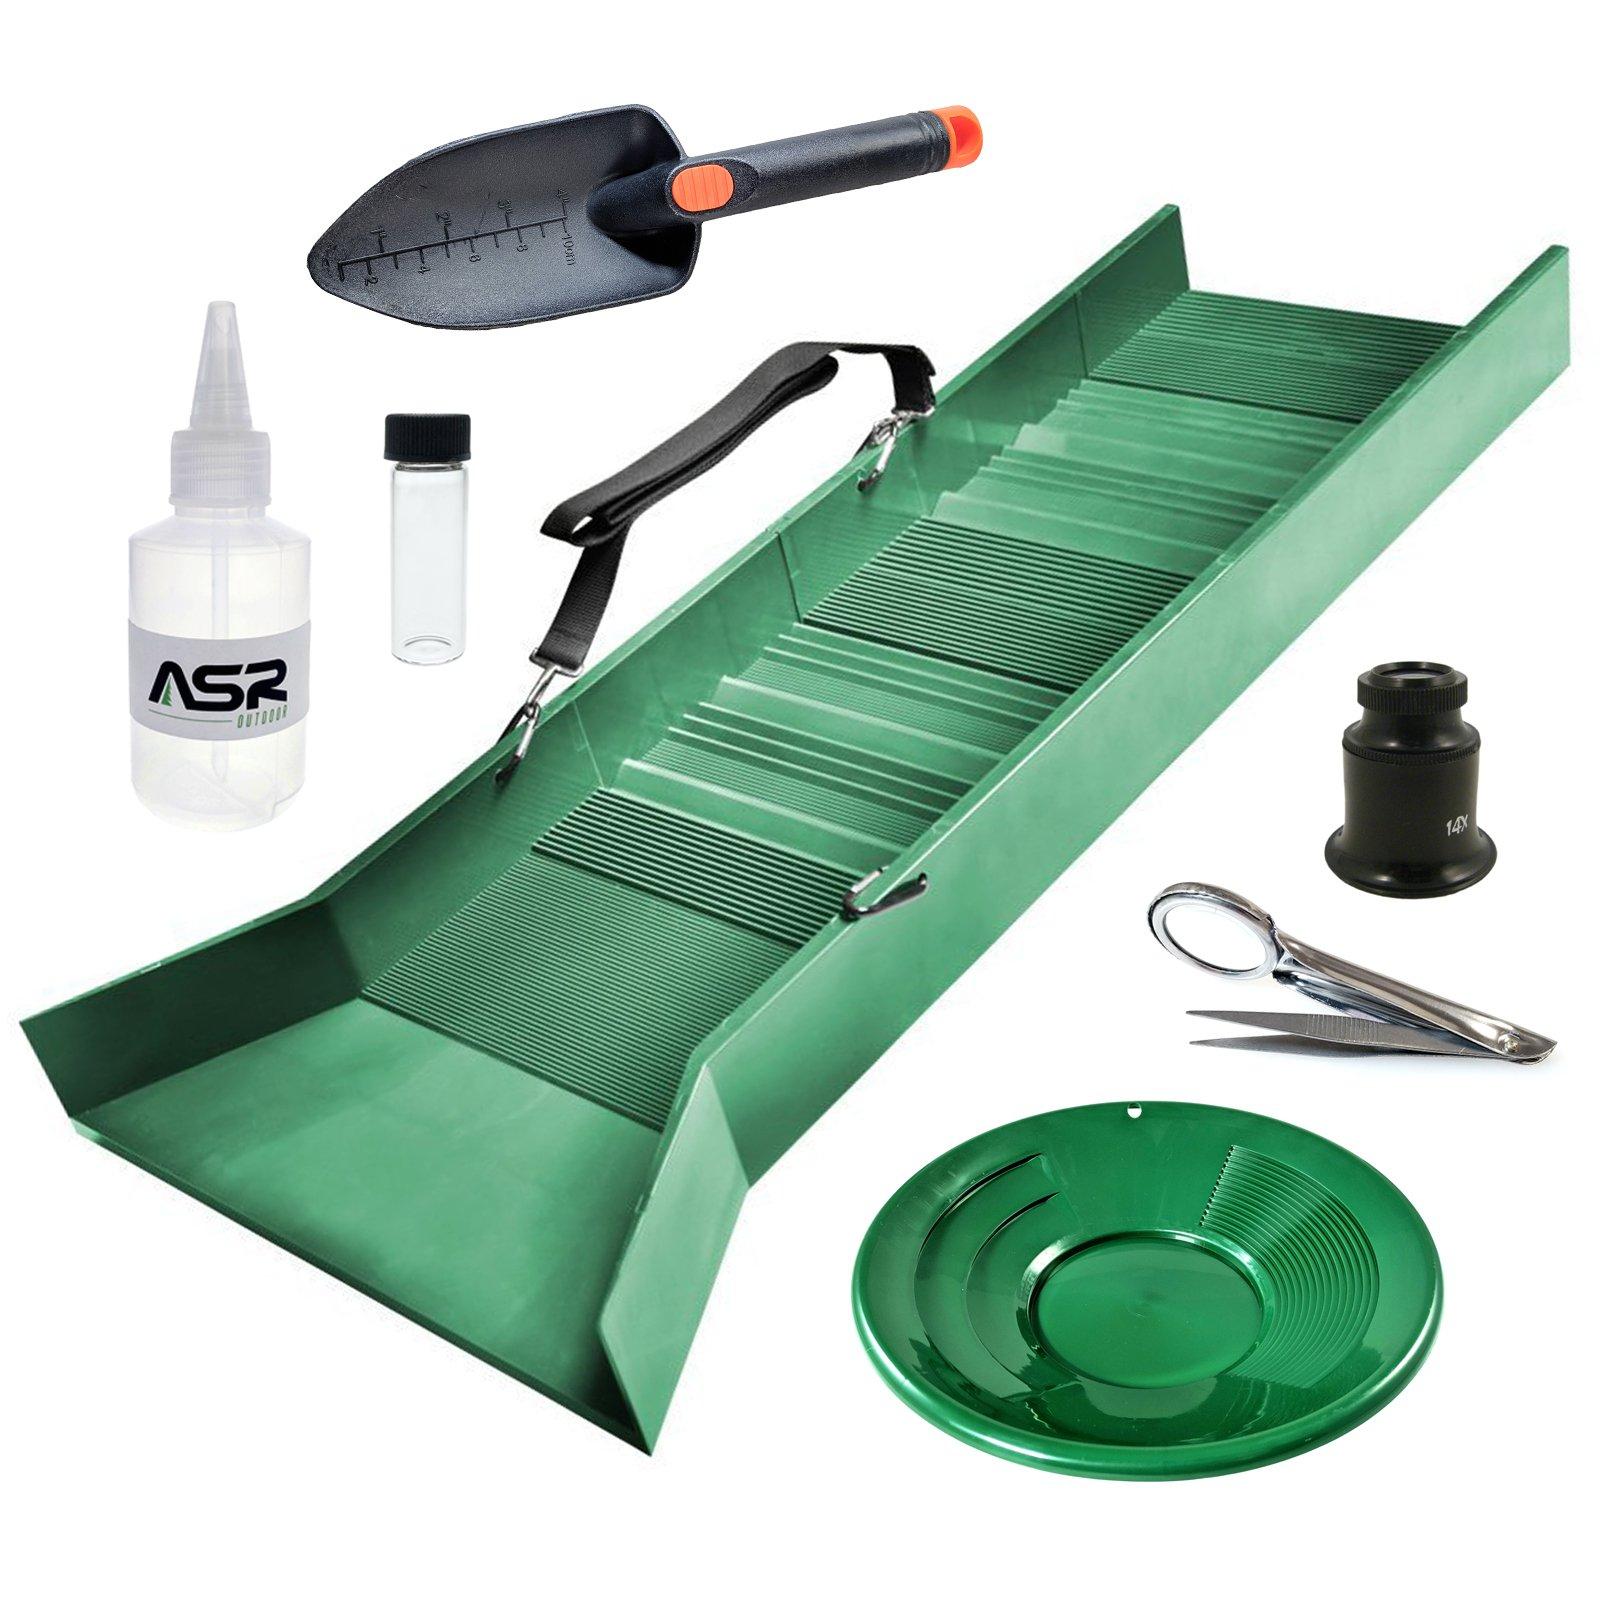 ASR Outdoor Sluice Box Gold Prospecting Kit Pan Vial Snifter Trowel Tweezer 7pc